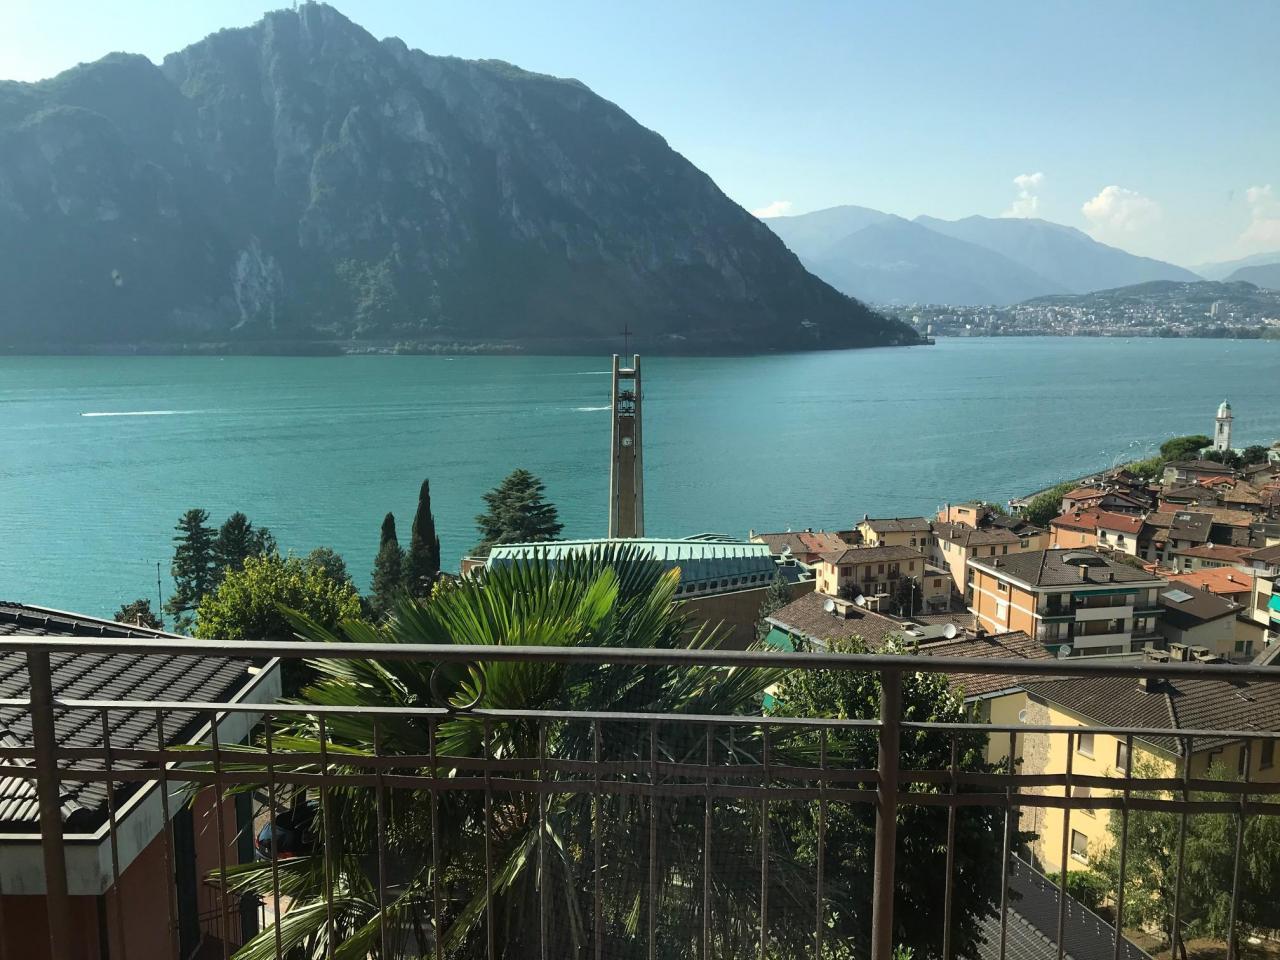 Продастся новая квартира 4х комнатная в Кампионе д Италия на озере Лугано - 1